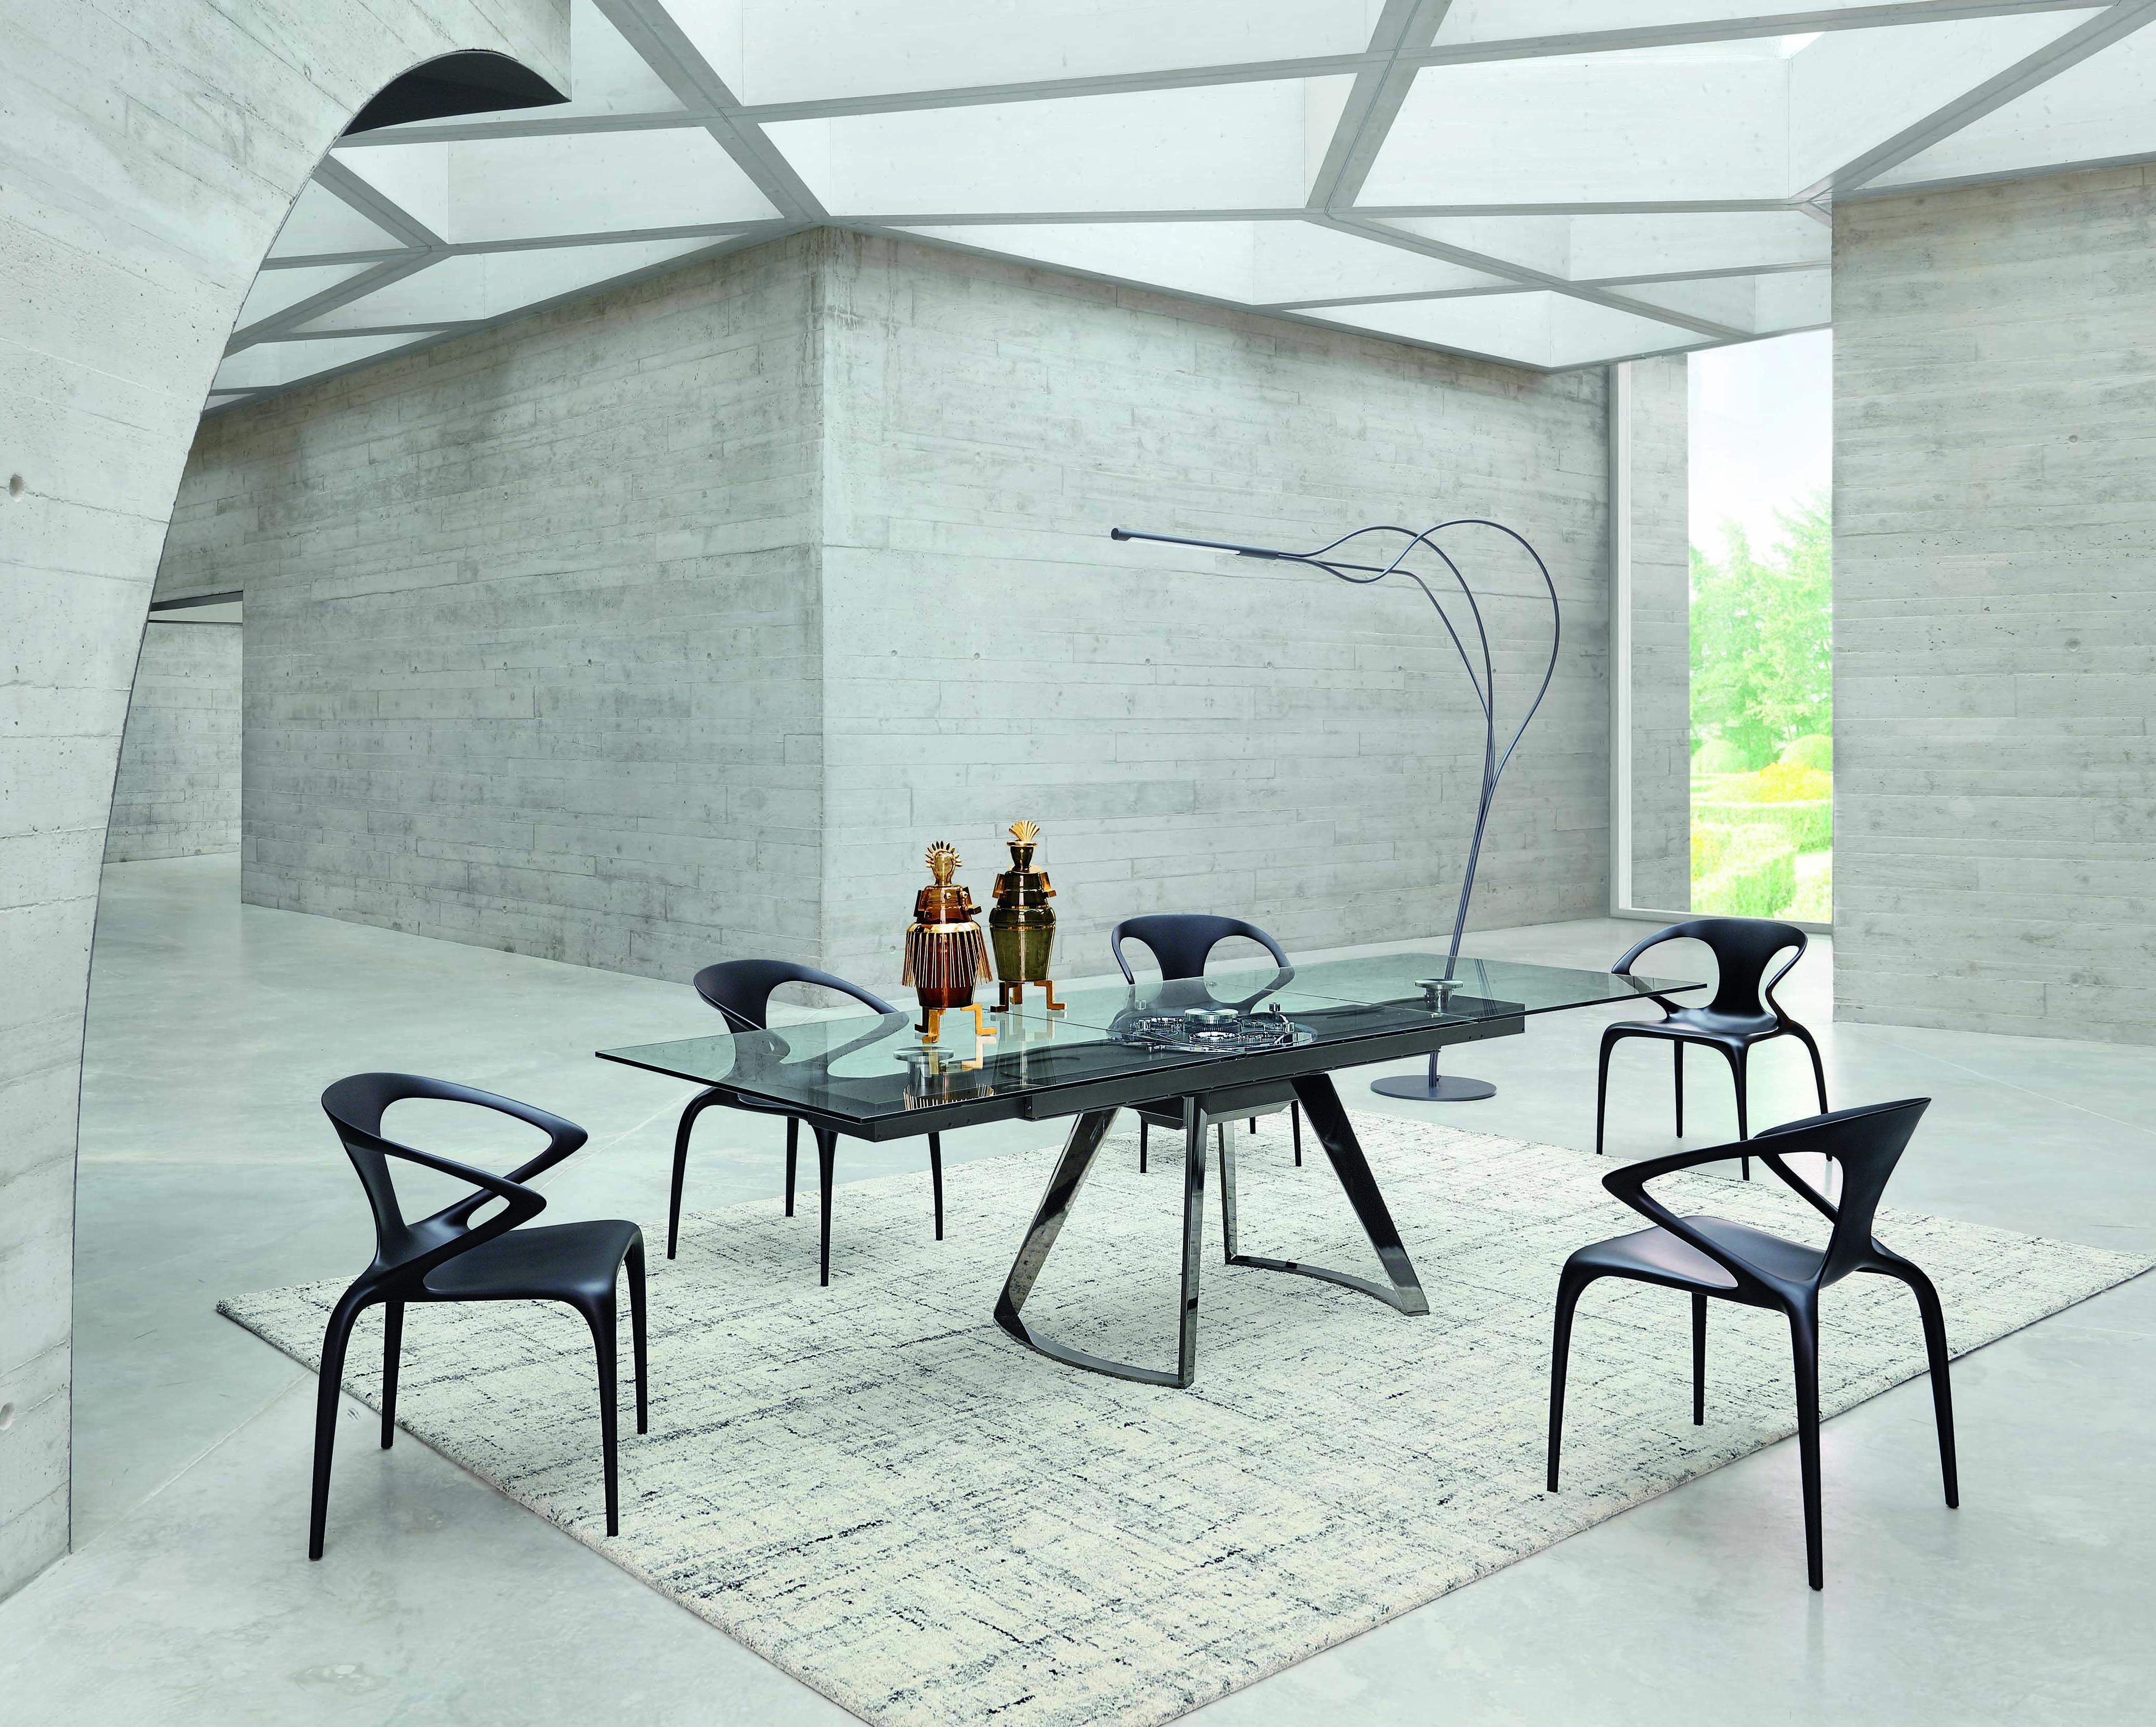 Roche Bobois L Astrolab Dining Table L Designed By Studio dedans Table Salle À Manger Roche Bobois